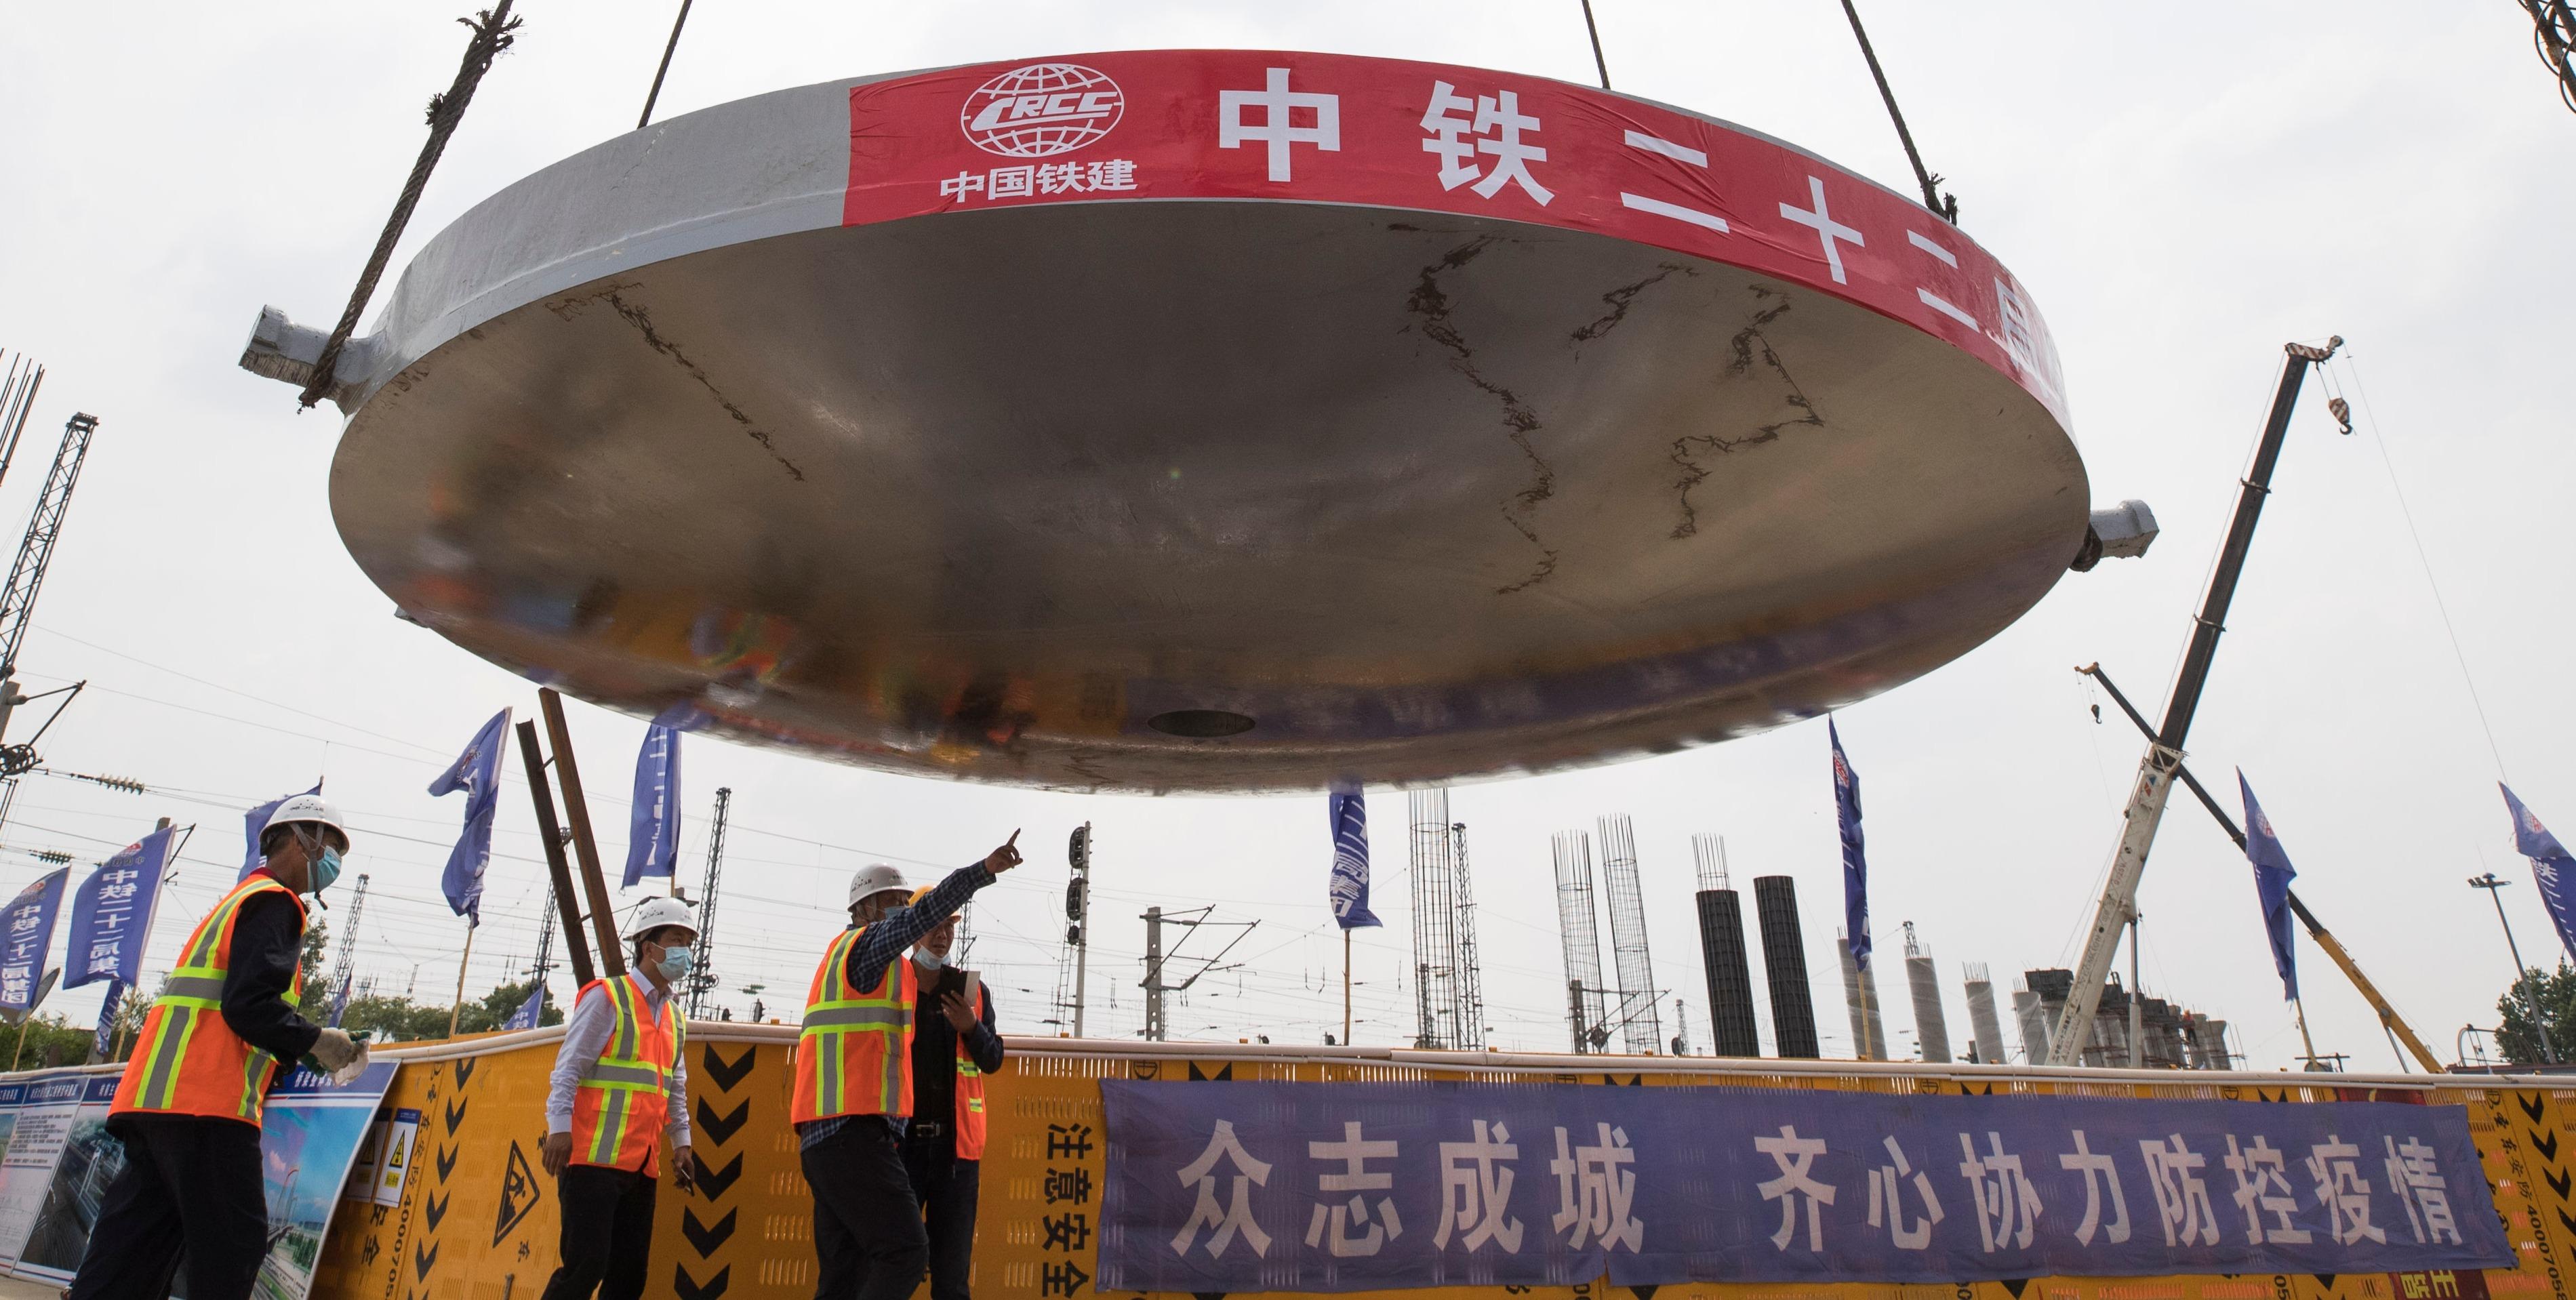 哈尔滨:哈西大街打通工程双塔双索面转体斜拉桥完成转体球铰安装